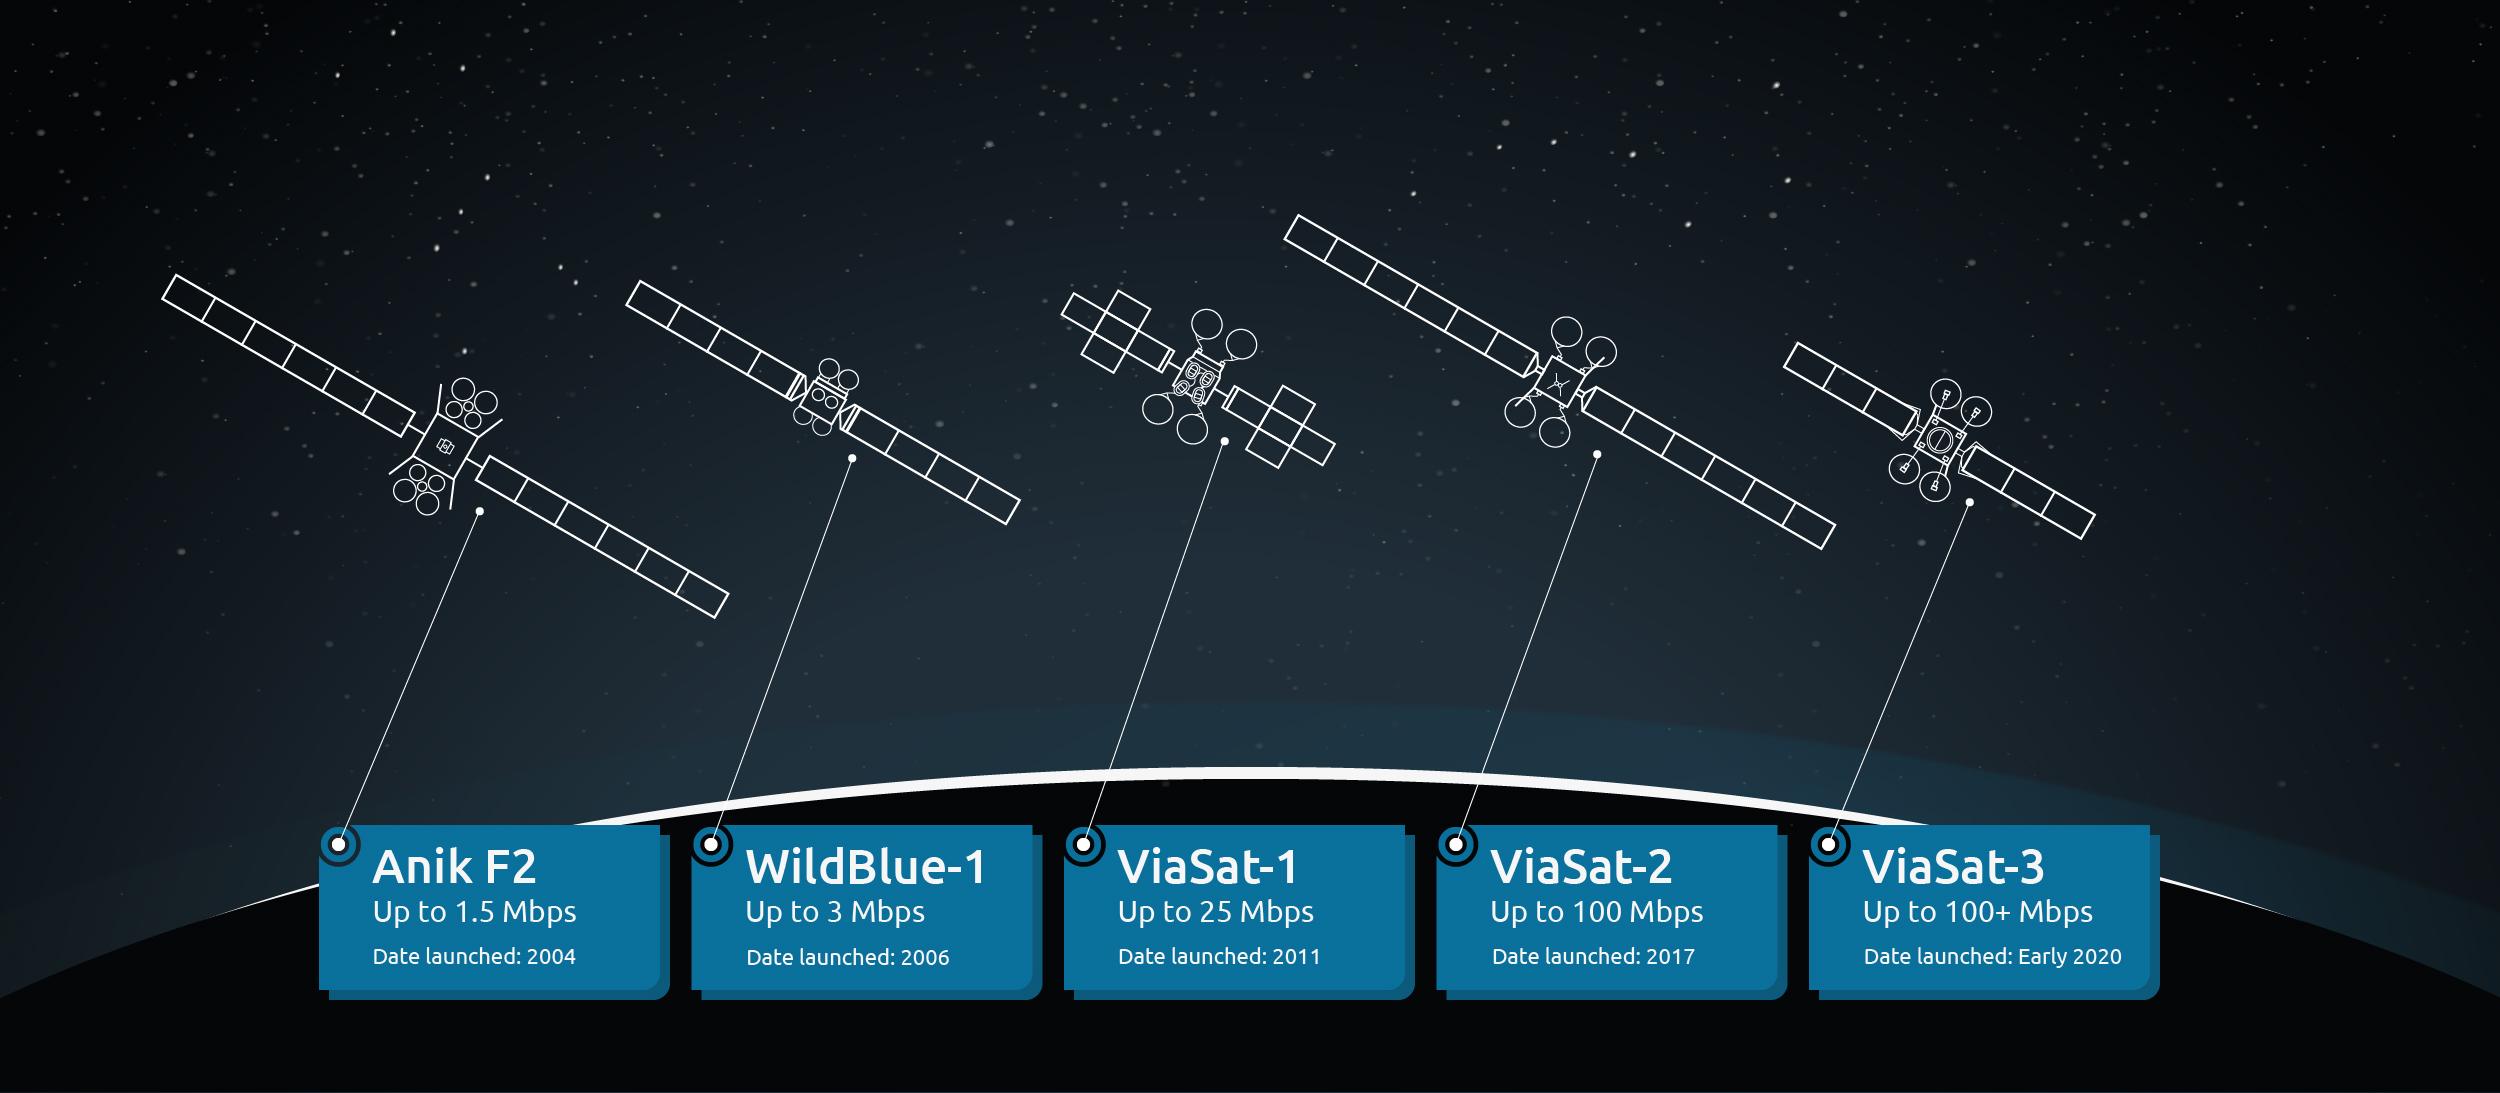 feature image of Viasat's satellites